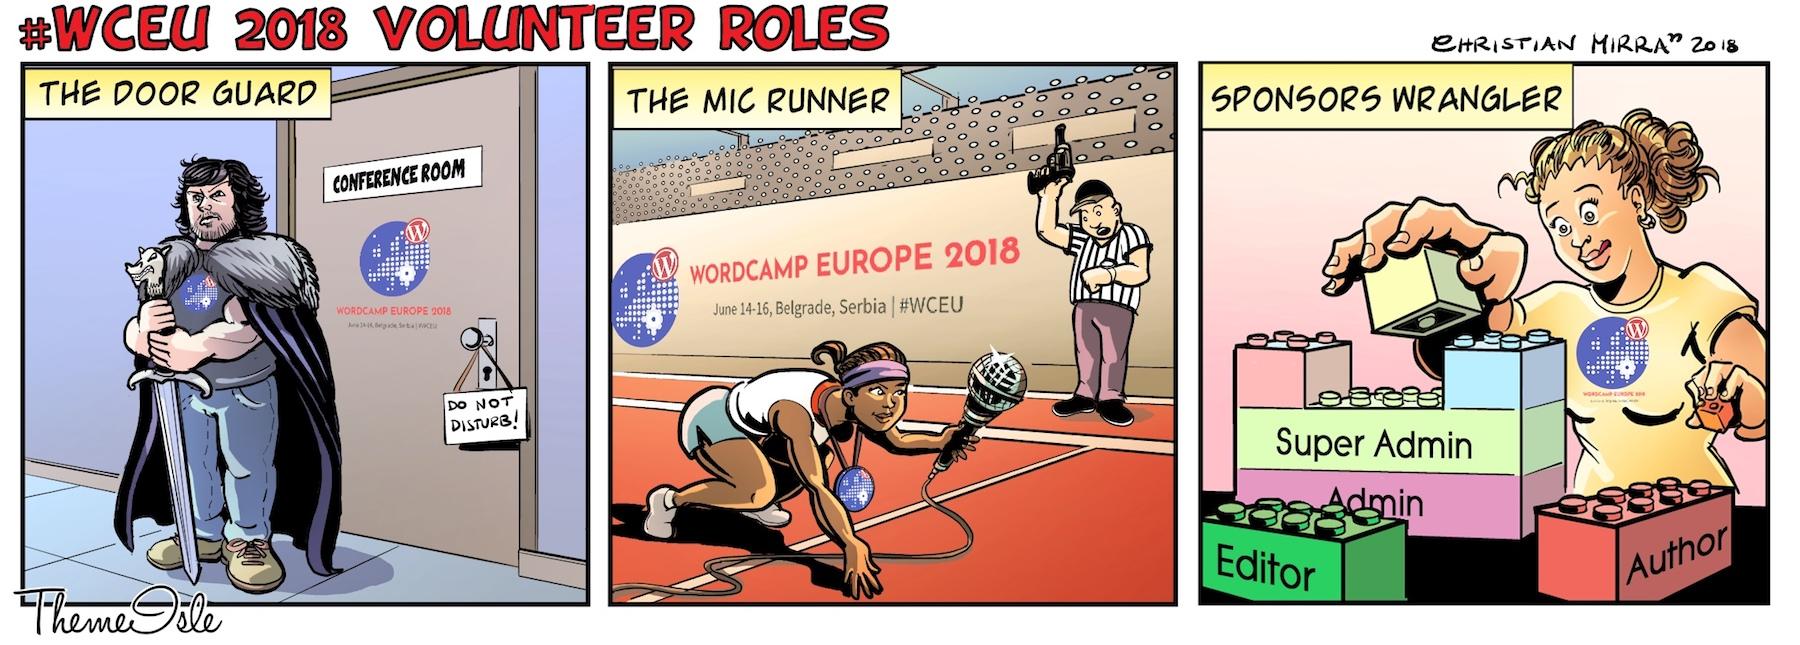 wceu volunteer roles